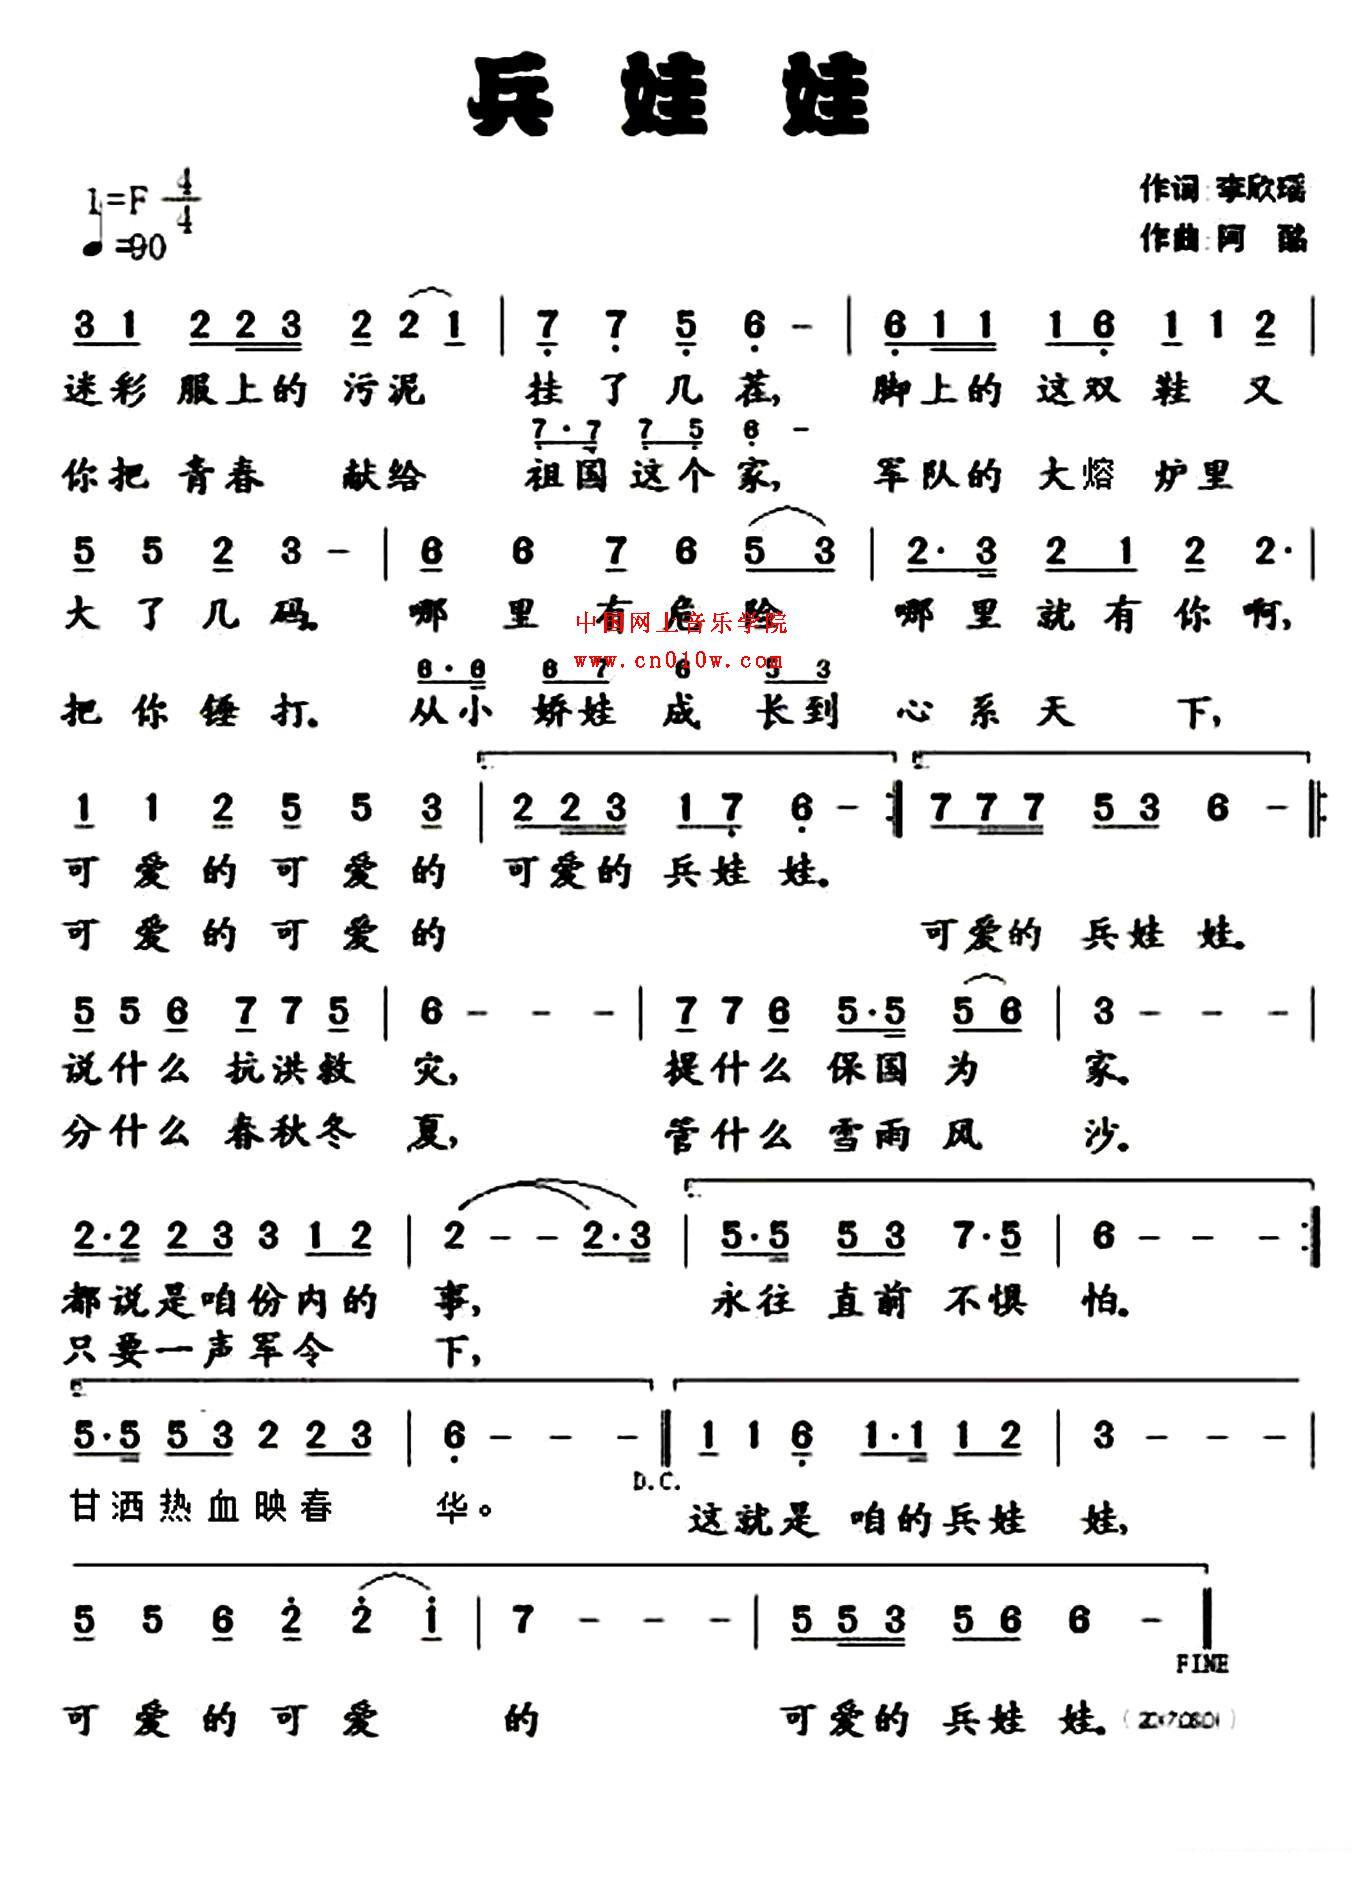 歌谱简谱网大全 中国-民歌曲谱 兵娃娃